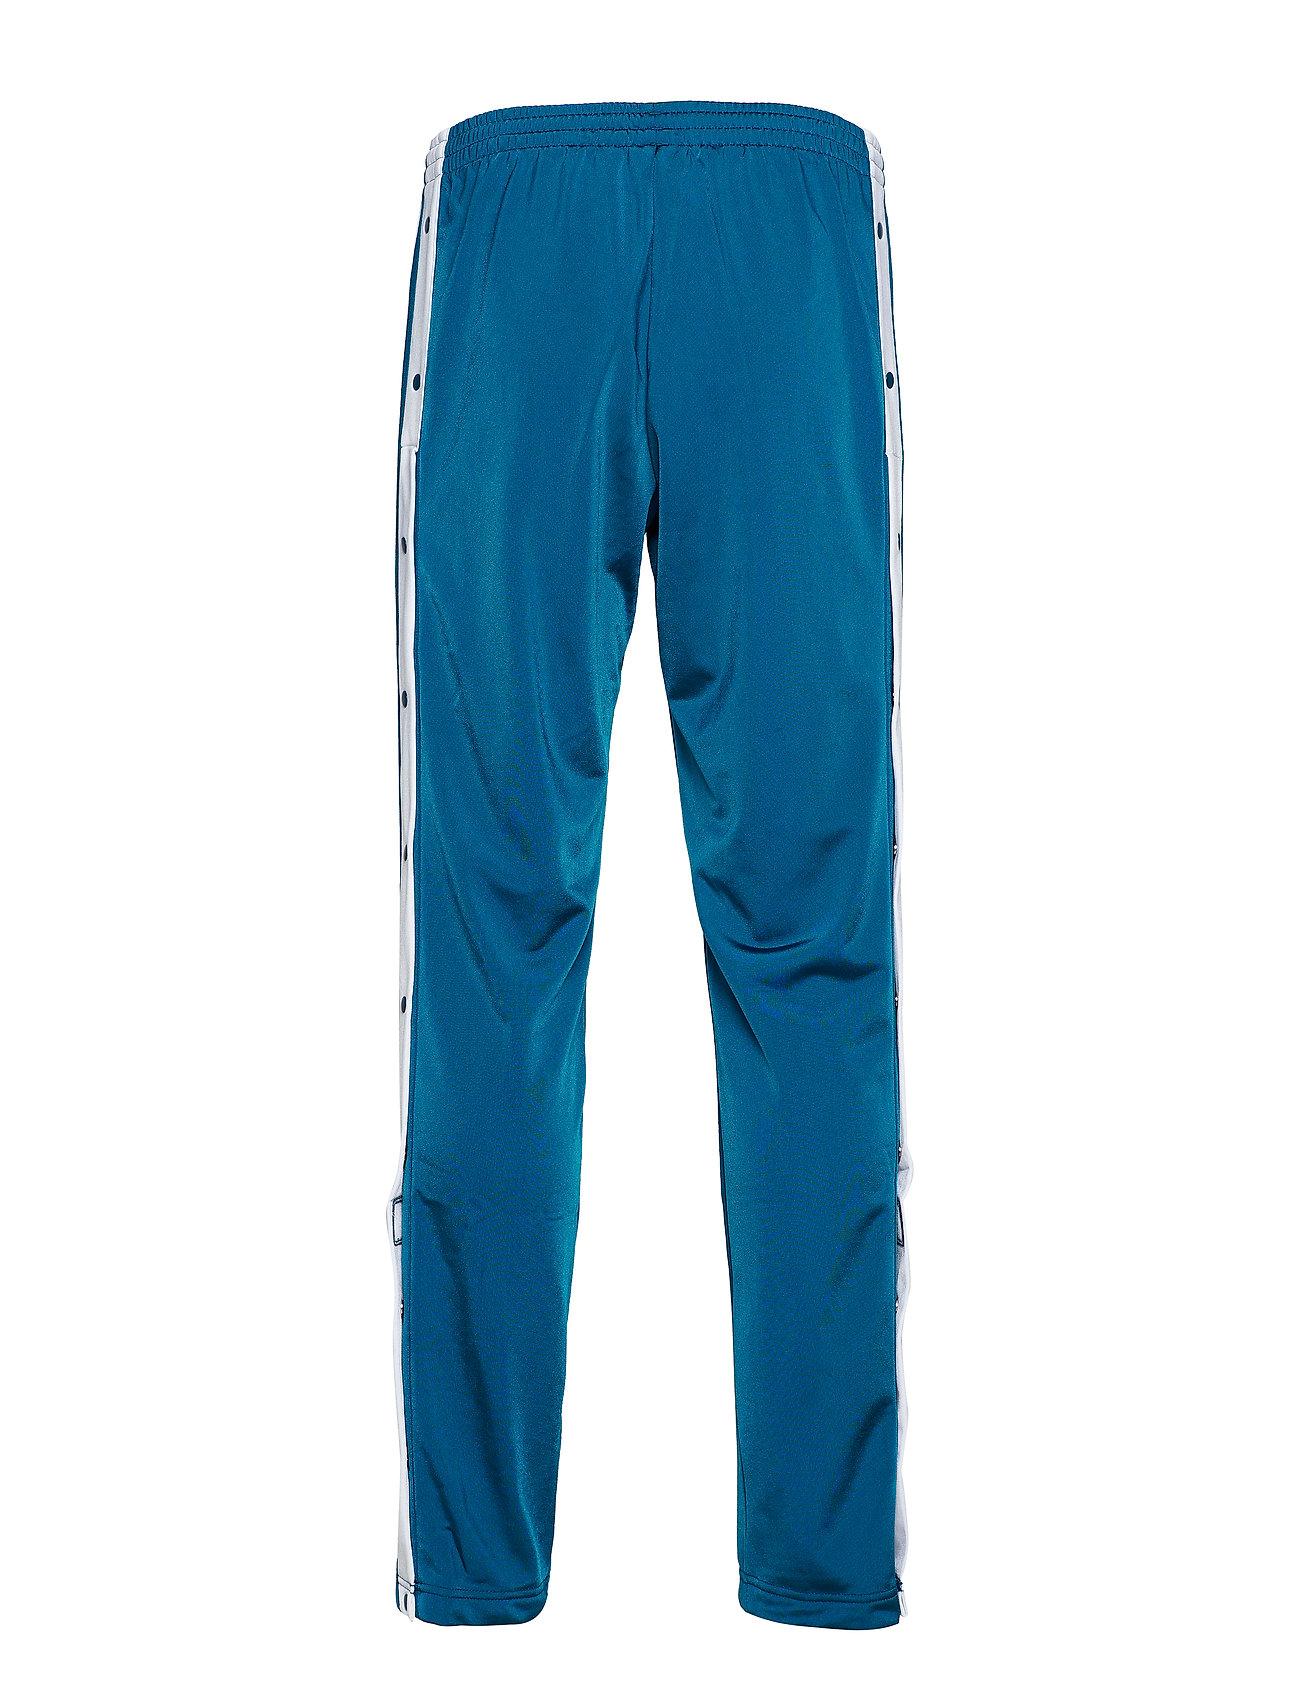 Snap Pants Sweatpants Hyggebukser Blå ADIDAS ORIGINALS